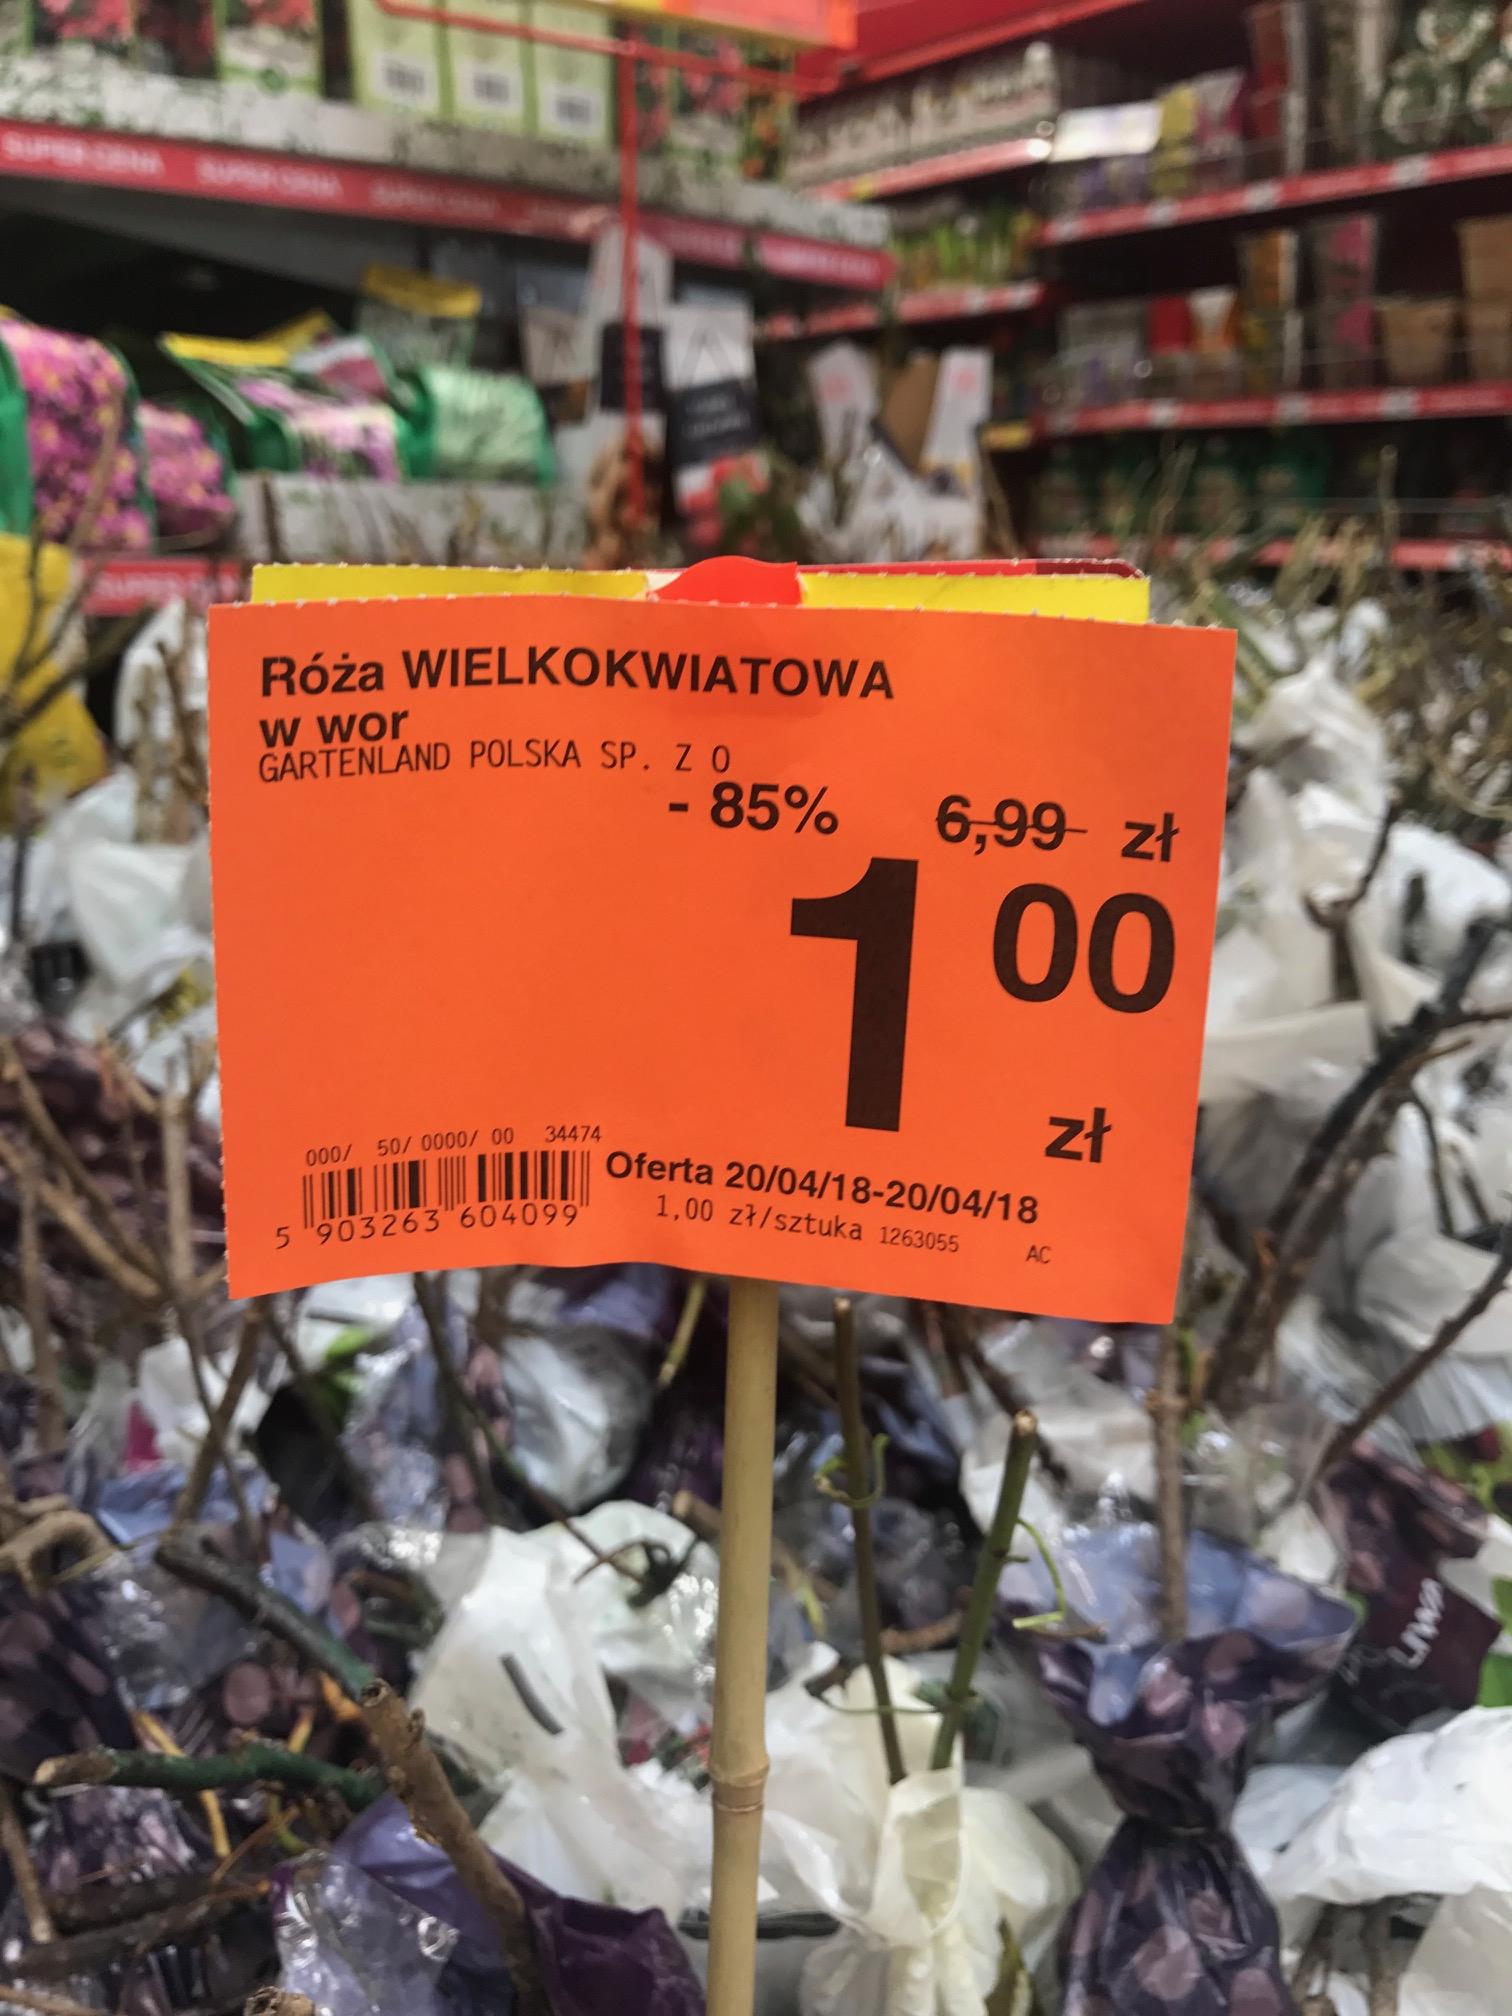 Carrefour Jaworzno sadzonki drzewka owocowe róża wielokwiatowa róża rabatowa itp